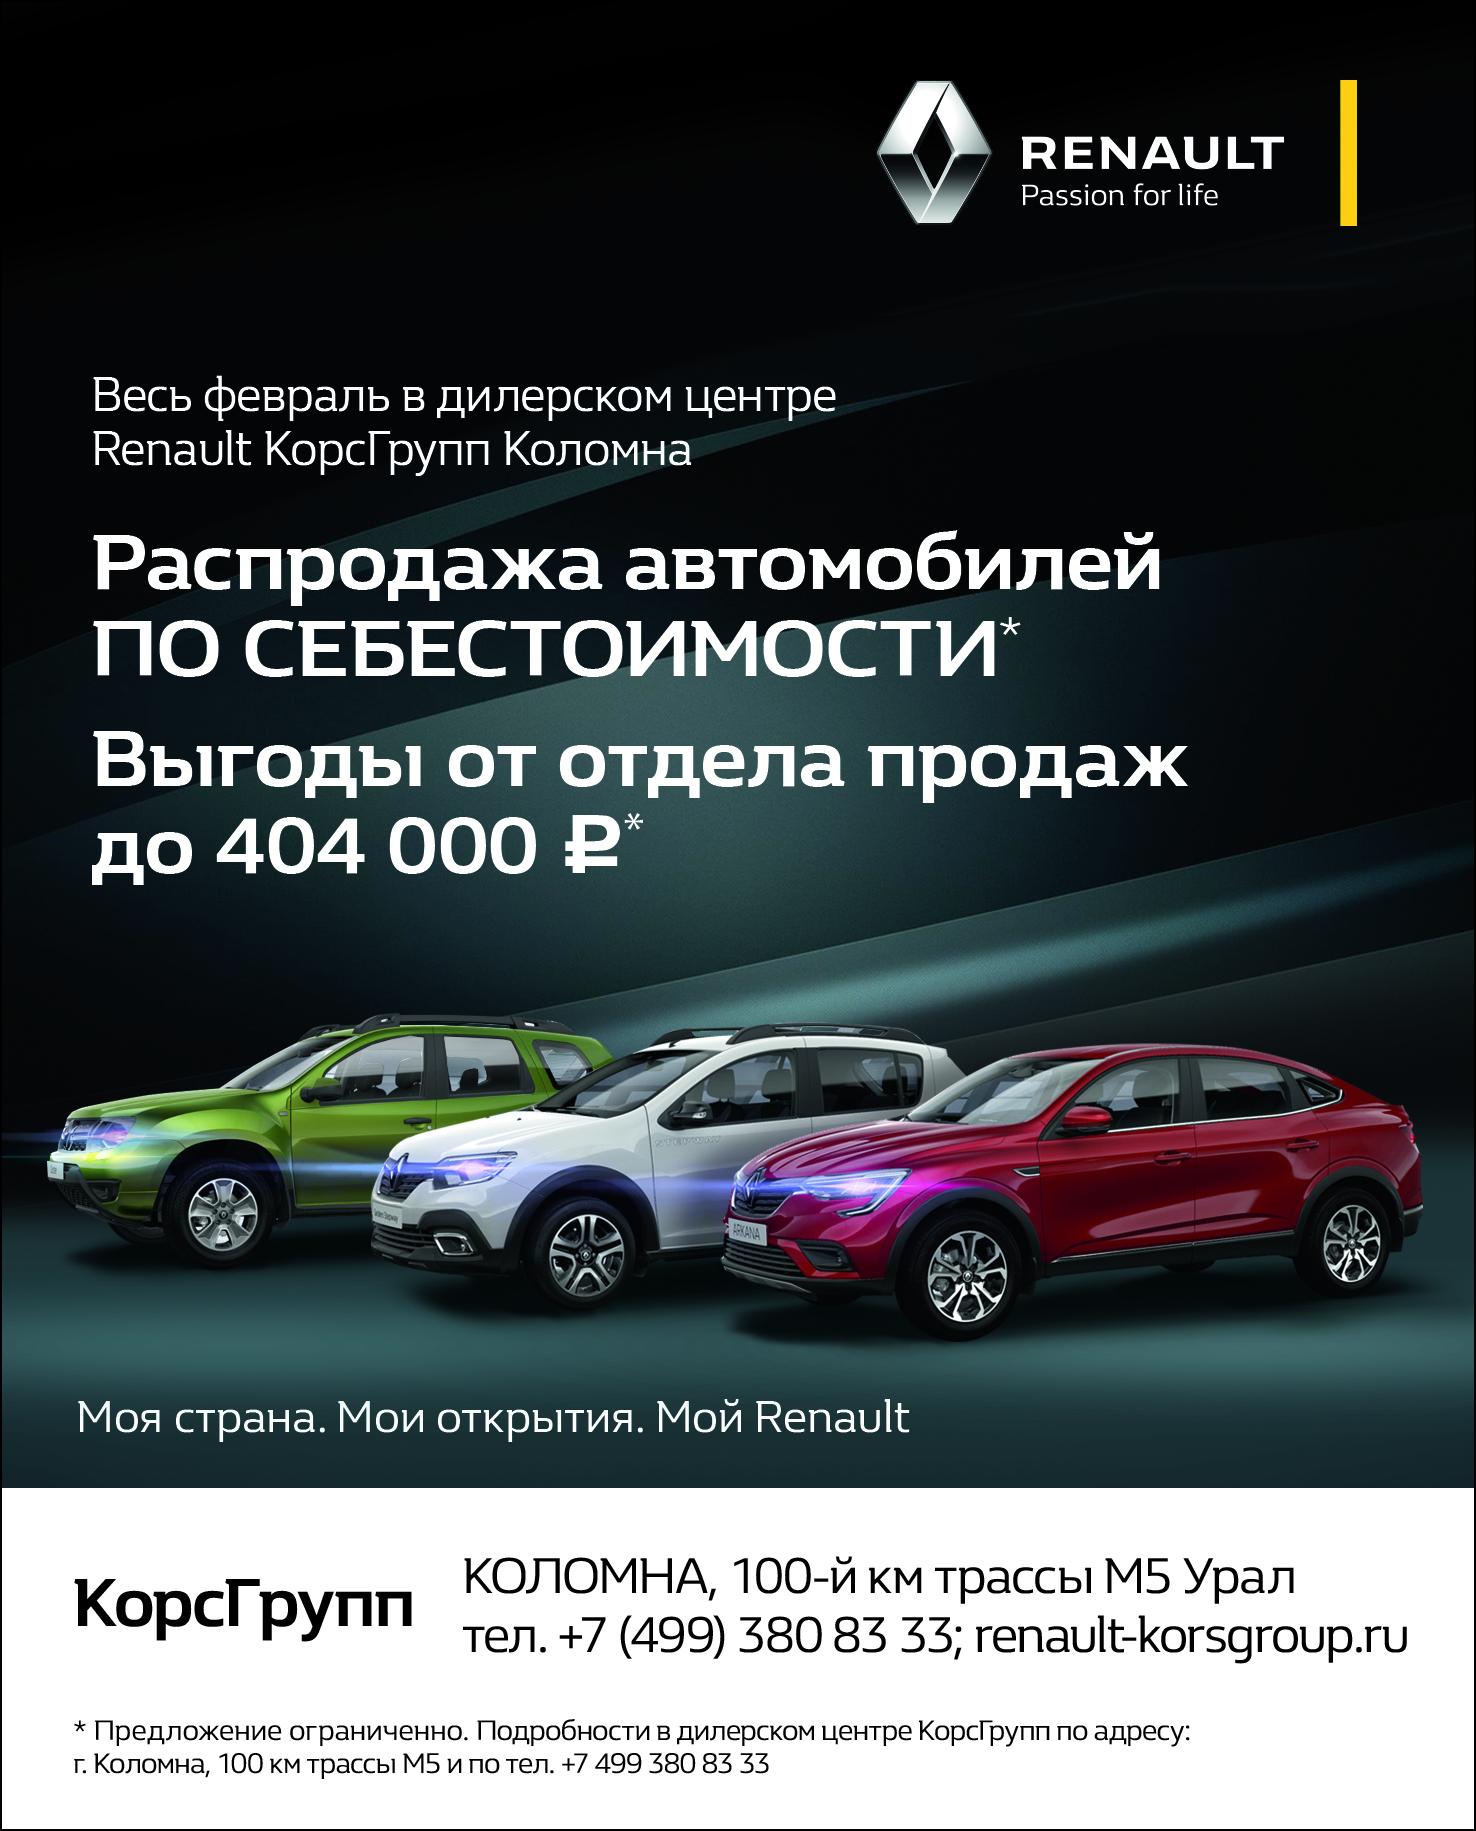 Распродажа автомобилей в дилерском центре Renault КорсГрупп Коломна весь февраль